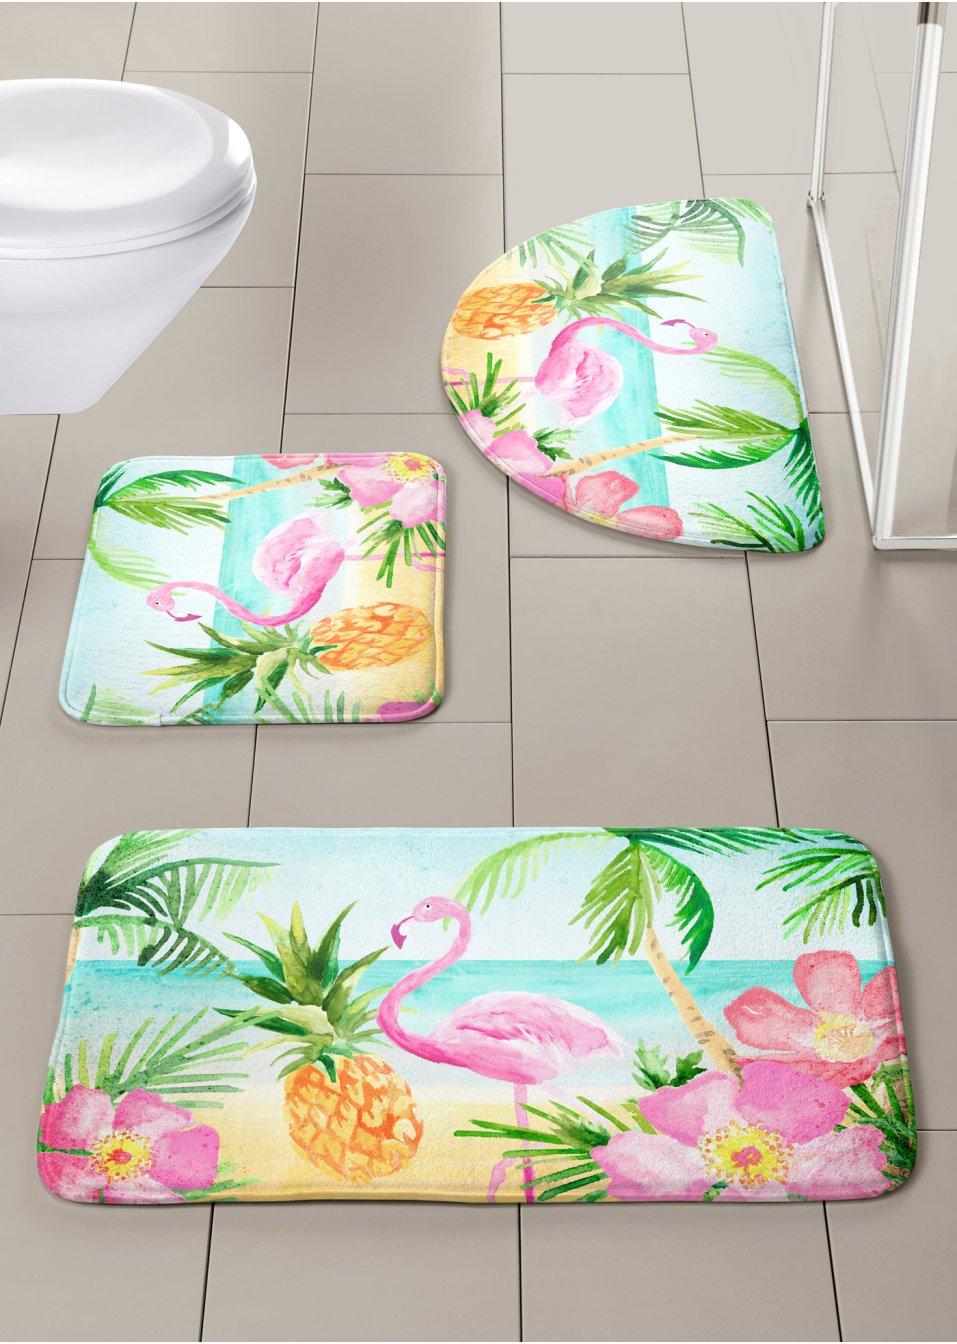 f r einen exotischen akzent die badematte flamingo mit. Black Bedroom Furniture Sets. Home Design Ideas